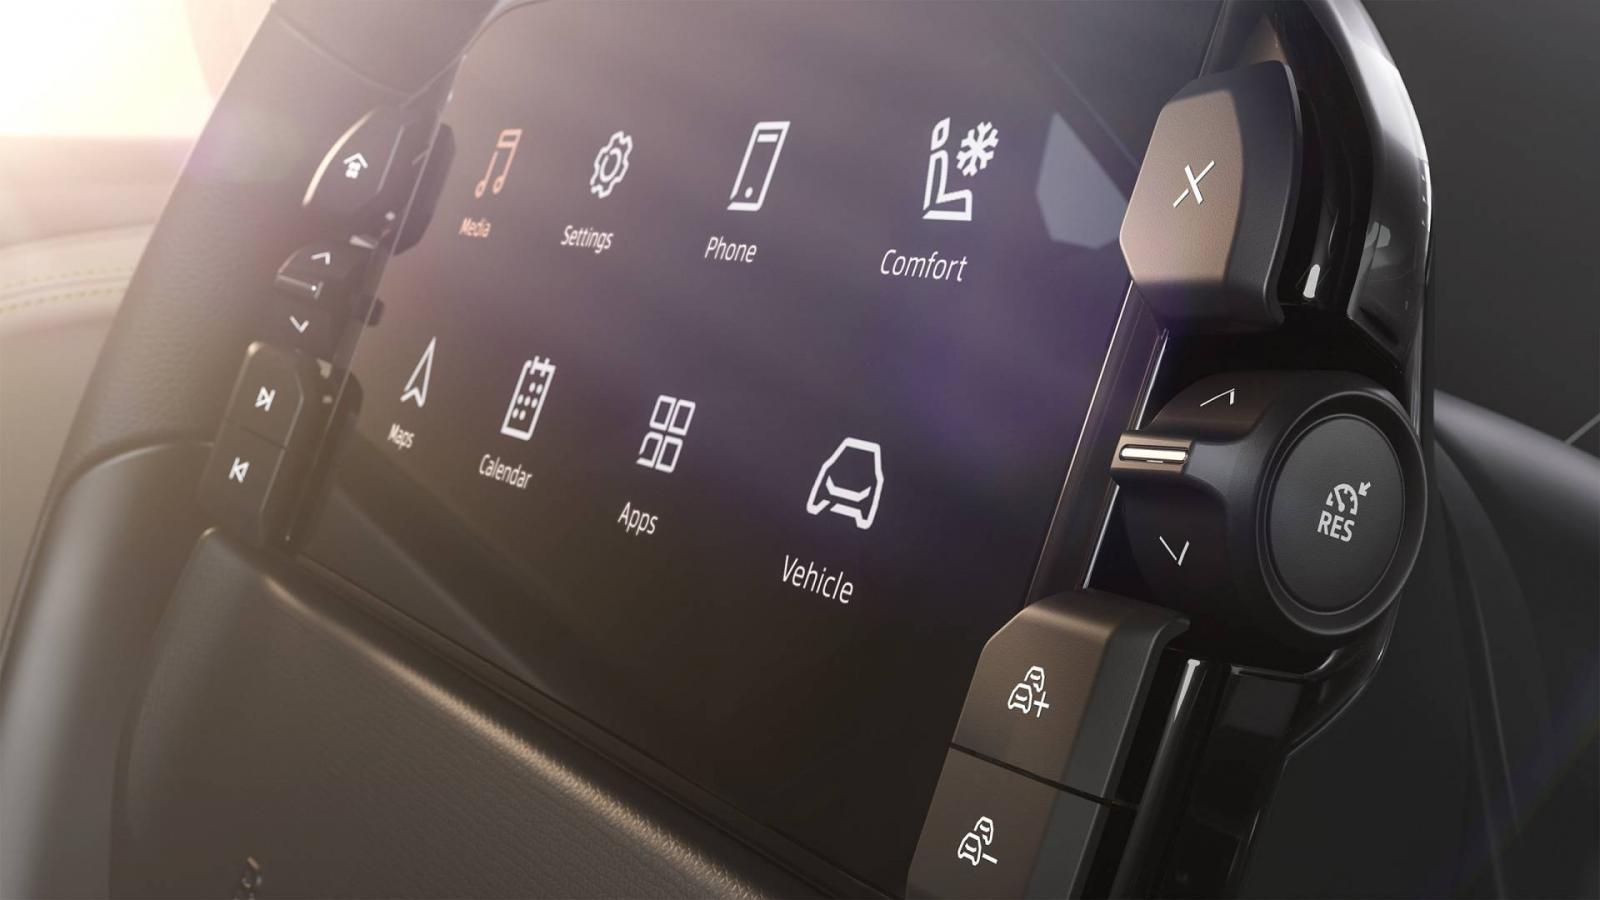 Màn hình Driver Tablet cỡ 7-inch gắn trên vô lăng xe